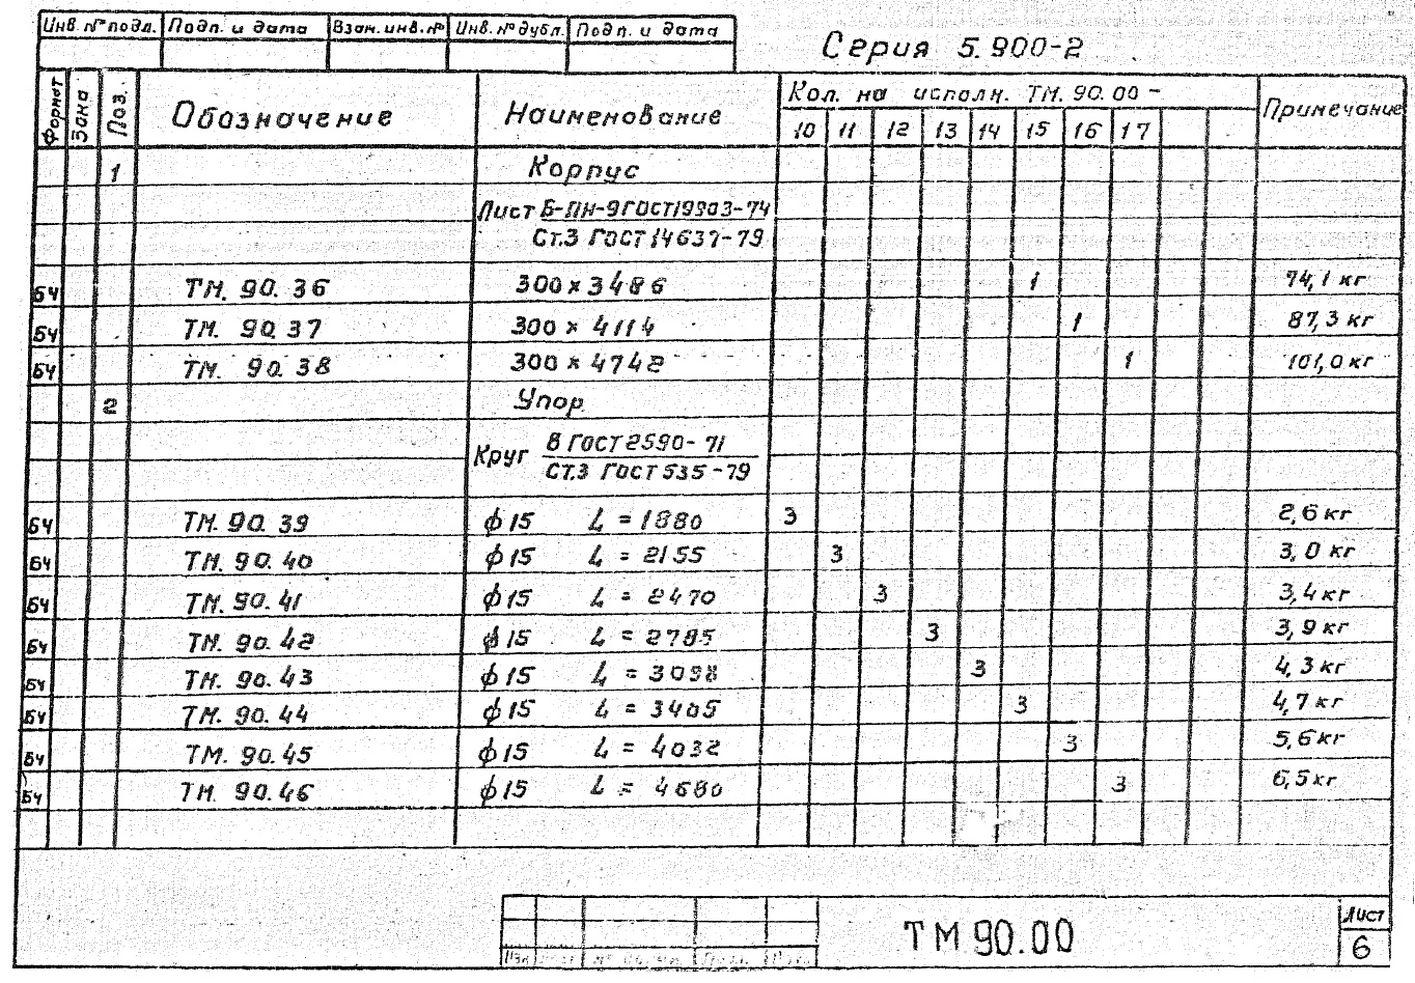 Сальники набивные ТМ.90.00 серия 5.900-2 стр.7